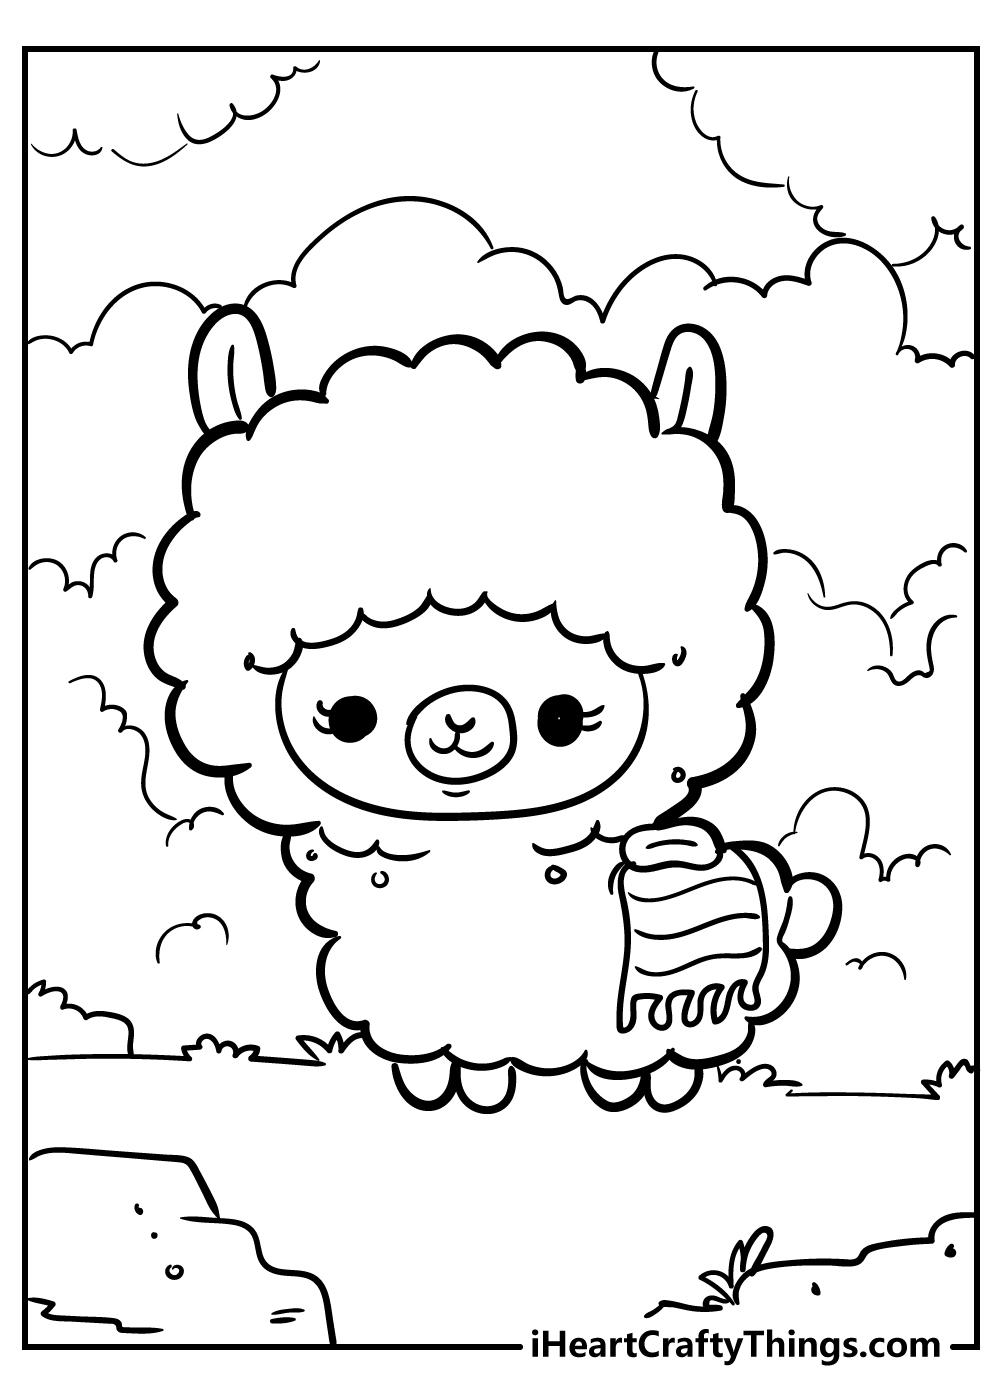 kawaii coloring pages sheep free download